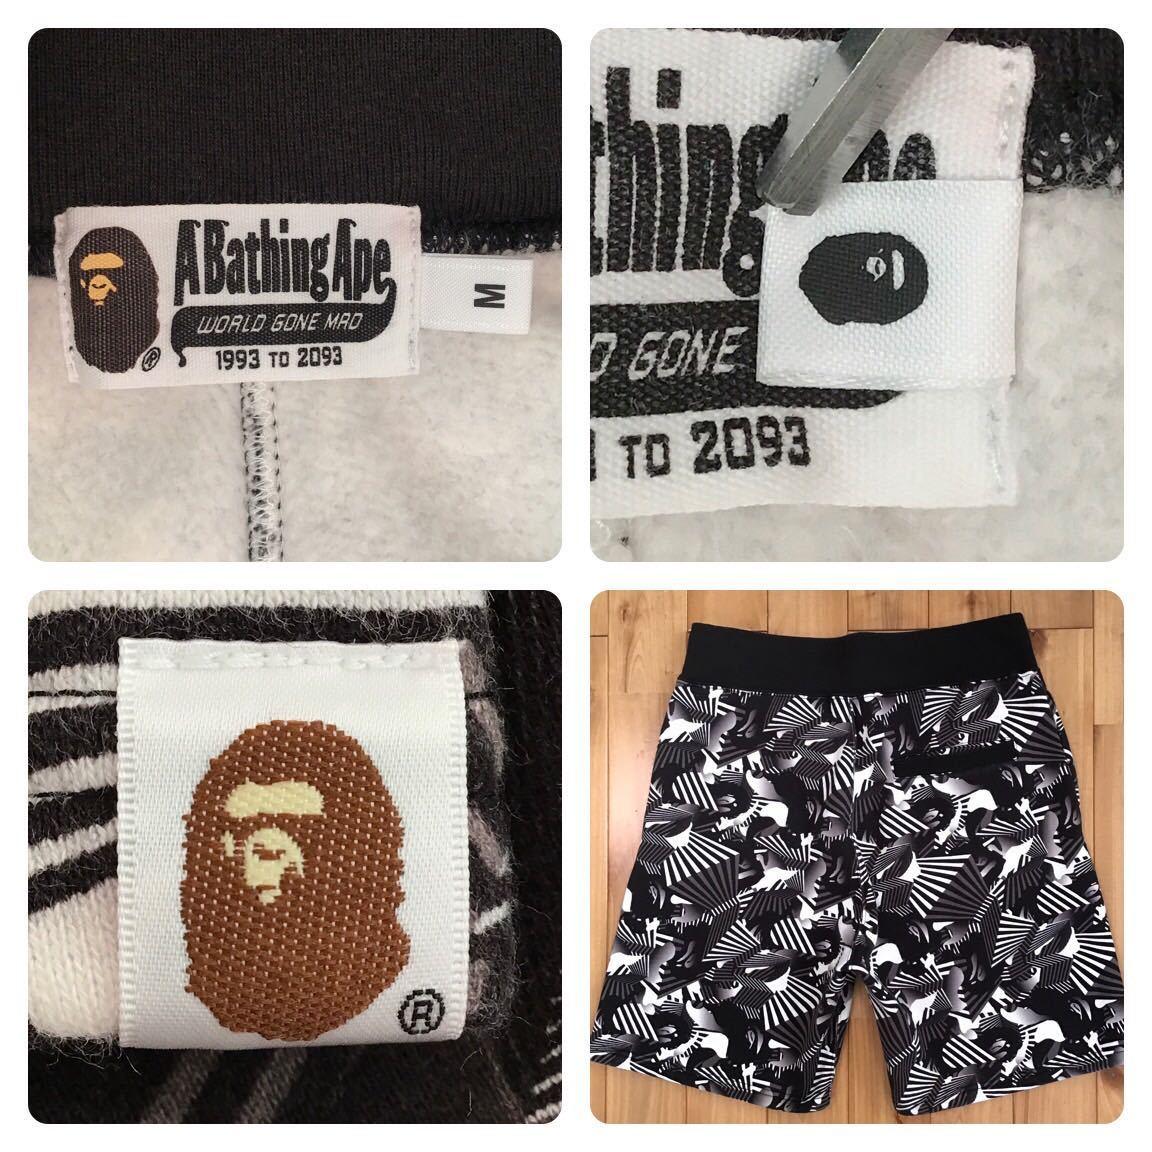 ダズルカモ スウェット ハーフパンツ Mサイズ a bathing ape bape camo sweat shorts ショーツ エイプ ベイプ アベイシングエイプ 迷彩 o85